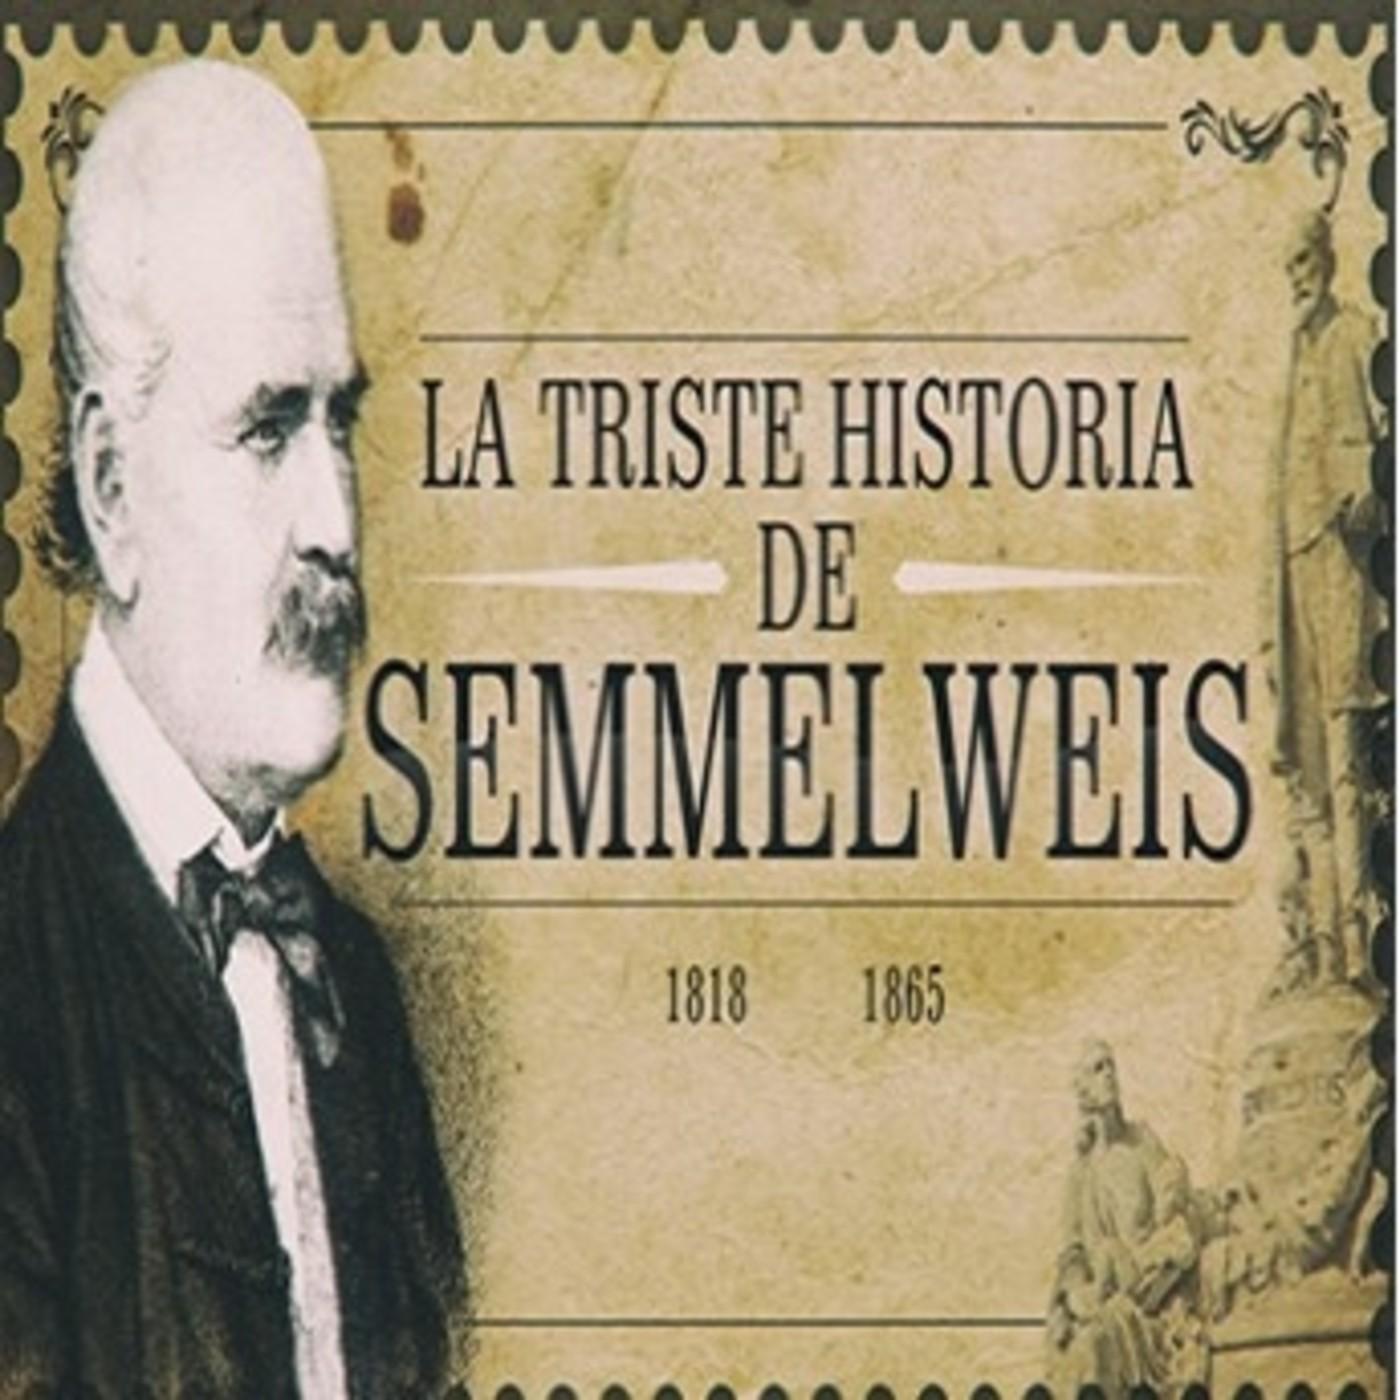 Cuarto milenio: La triste historia de Semmelweis en Cuarto Milenio ...